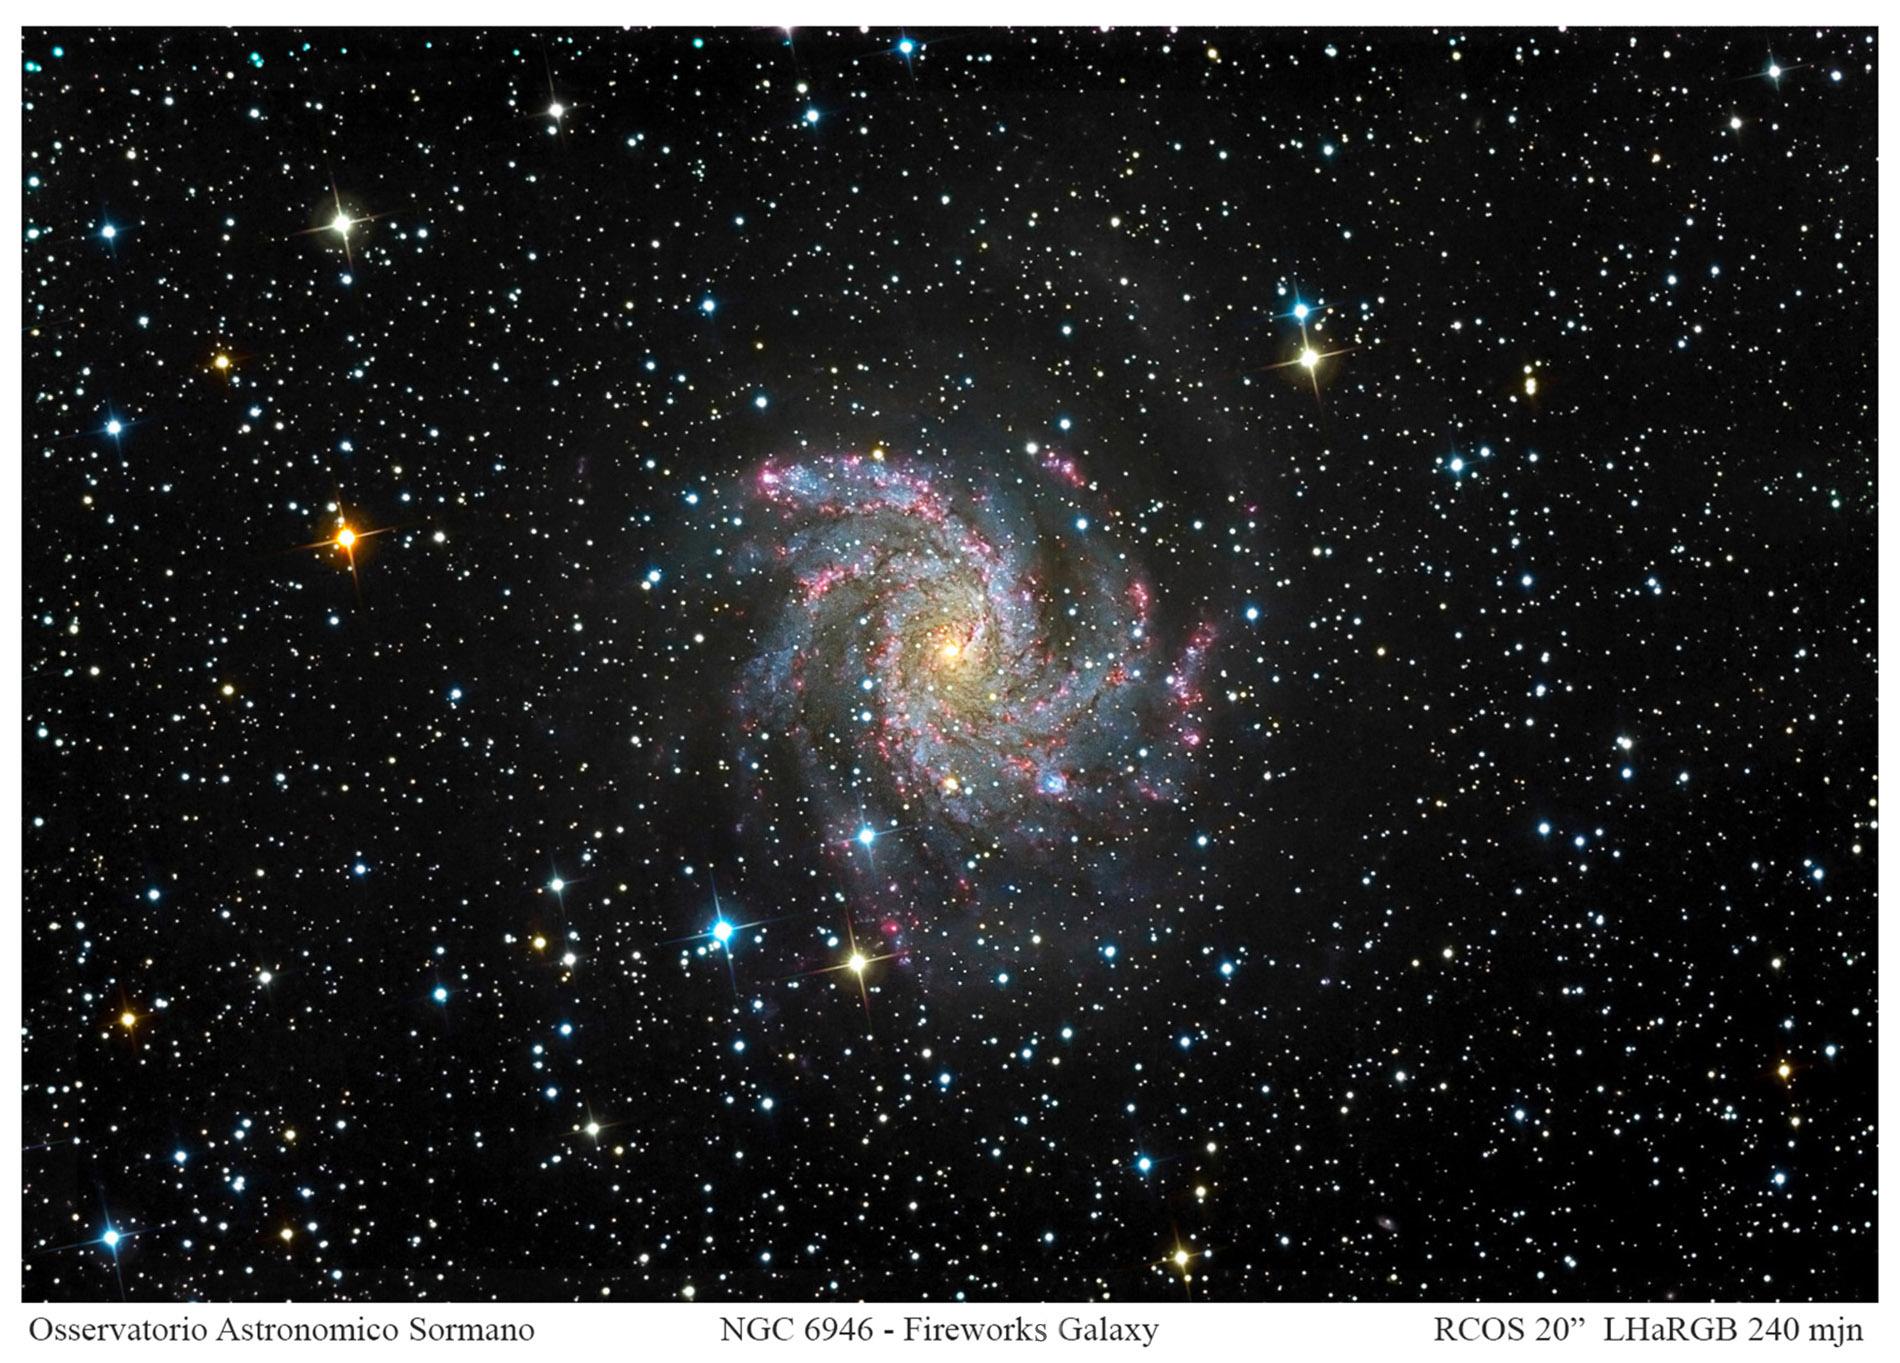 Foto Osservatorio  - Fuochi d'artificio stellari